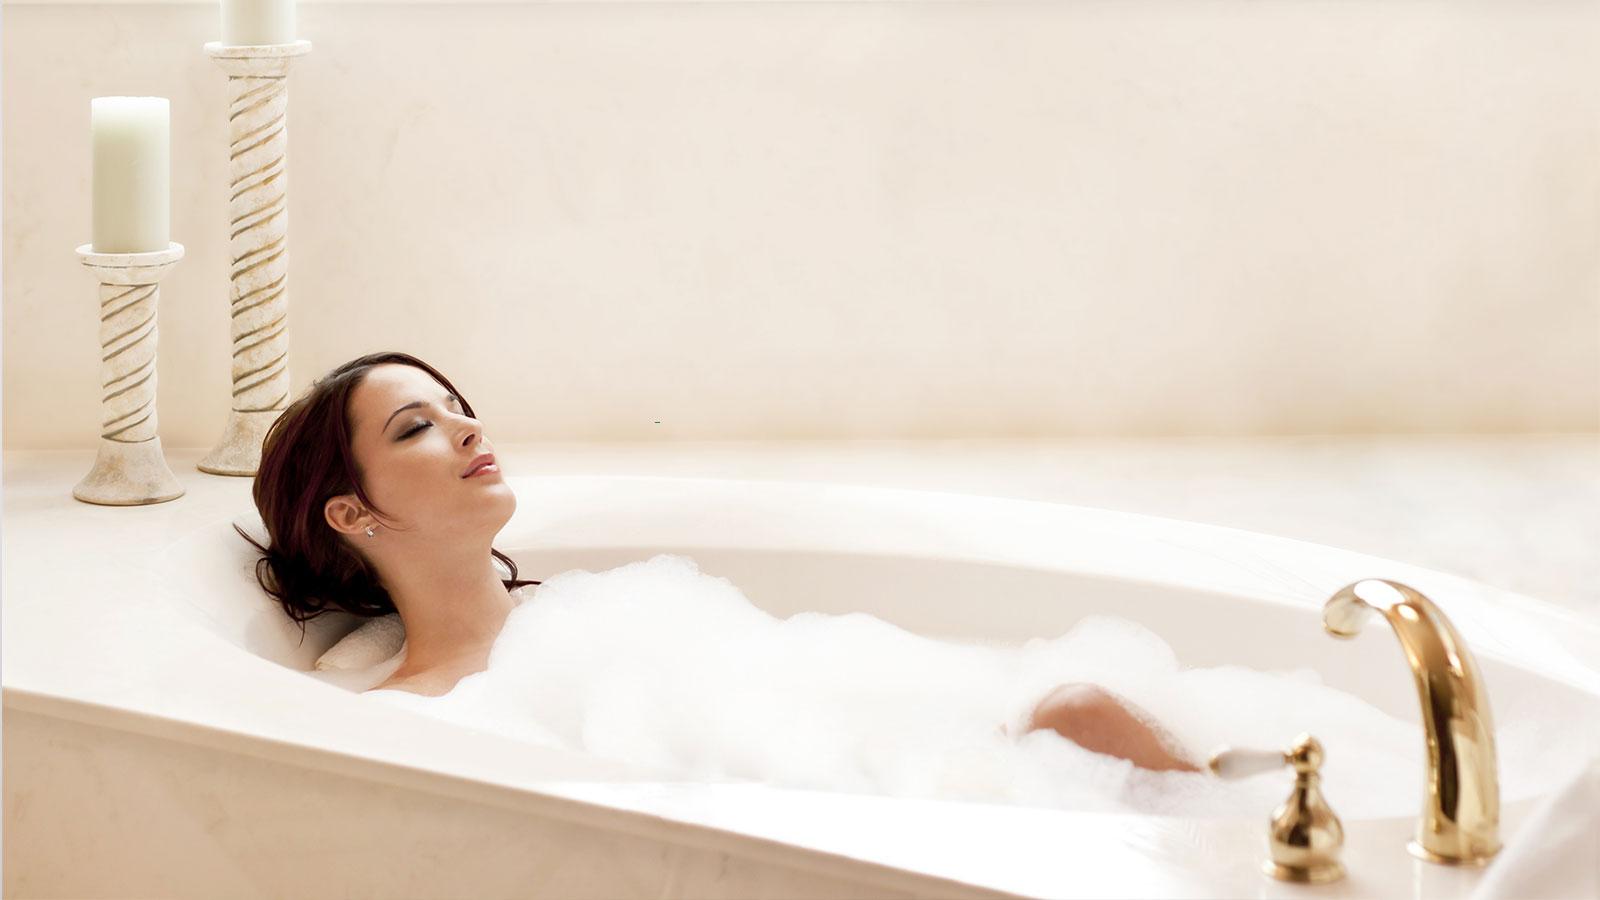 【肌ケア連載】専門家に聞く。乾燥肌の人のための正しい入浴方法とは【第二回】